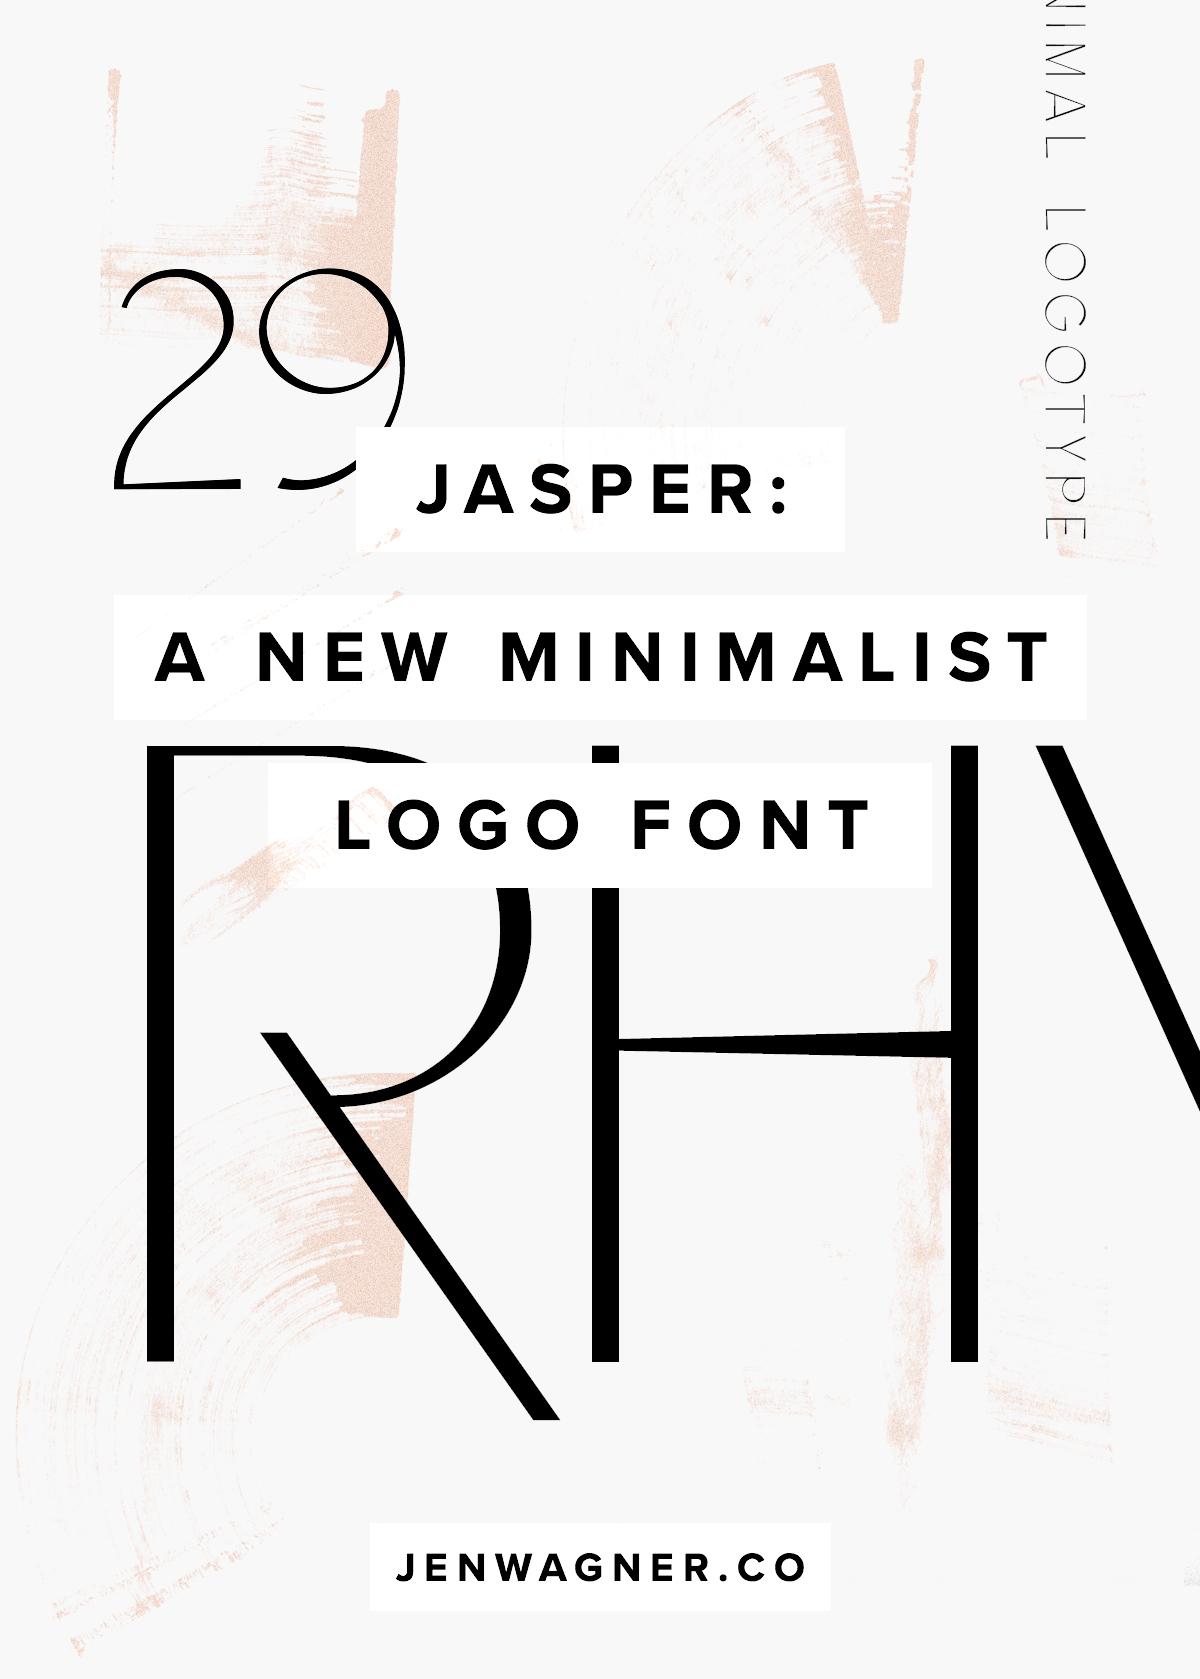 Jasper New Minimalist Font by Jen Wagner Co.